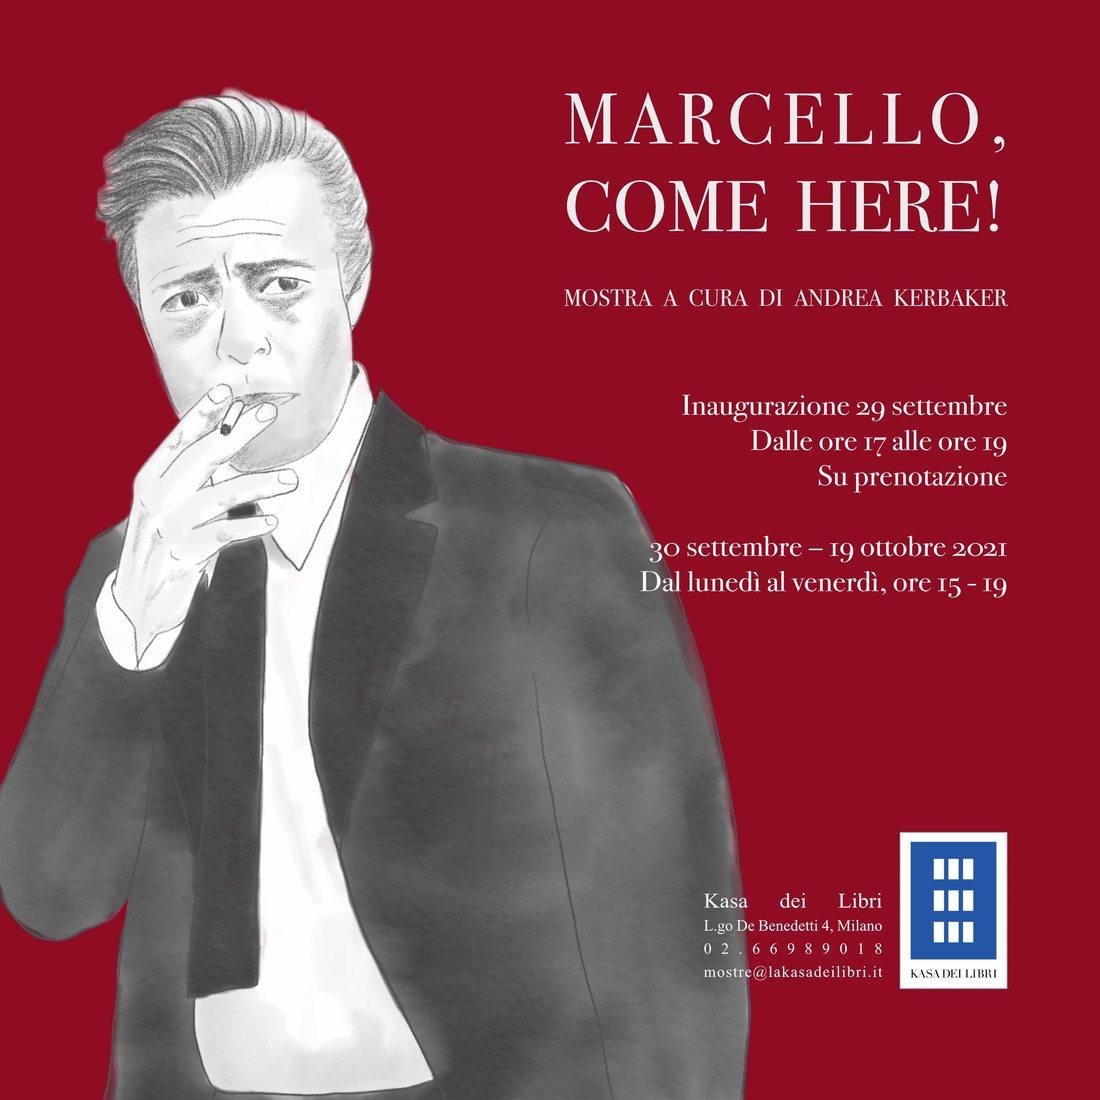 Marcello, come here!